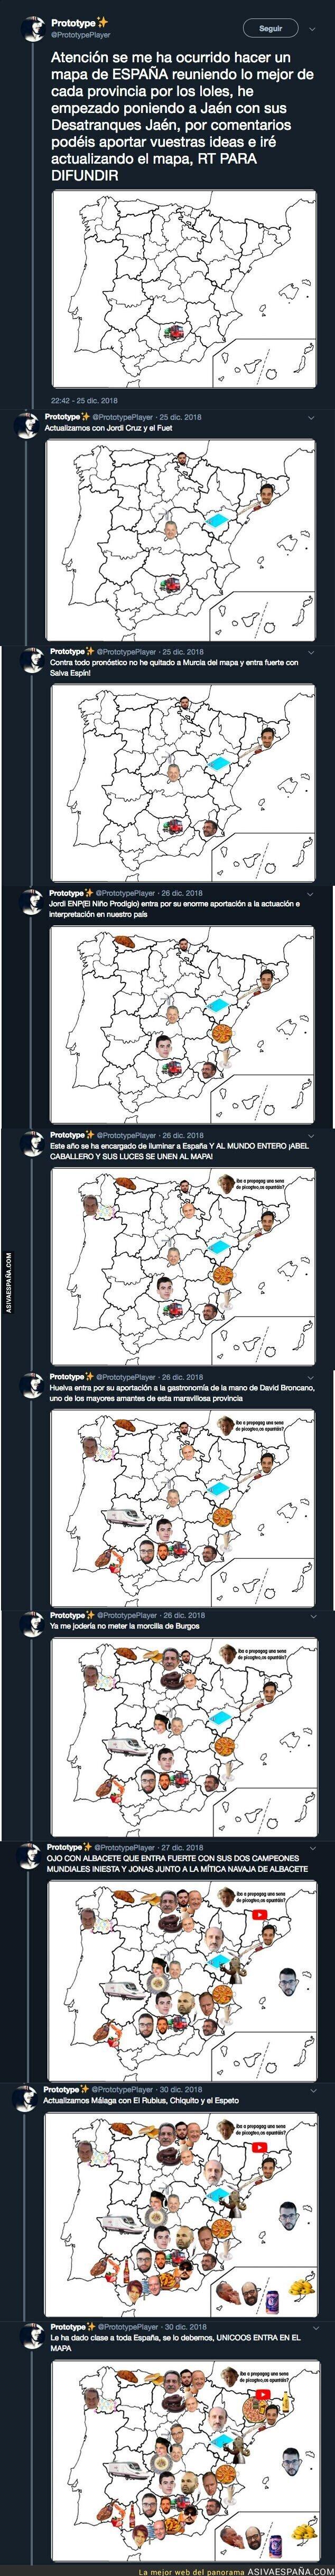 102106 - El mapa de los memes en España